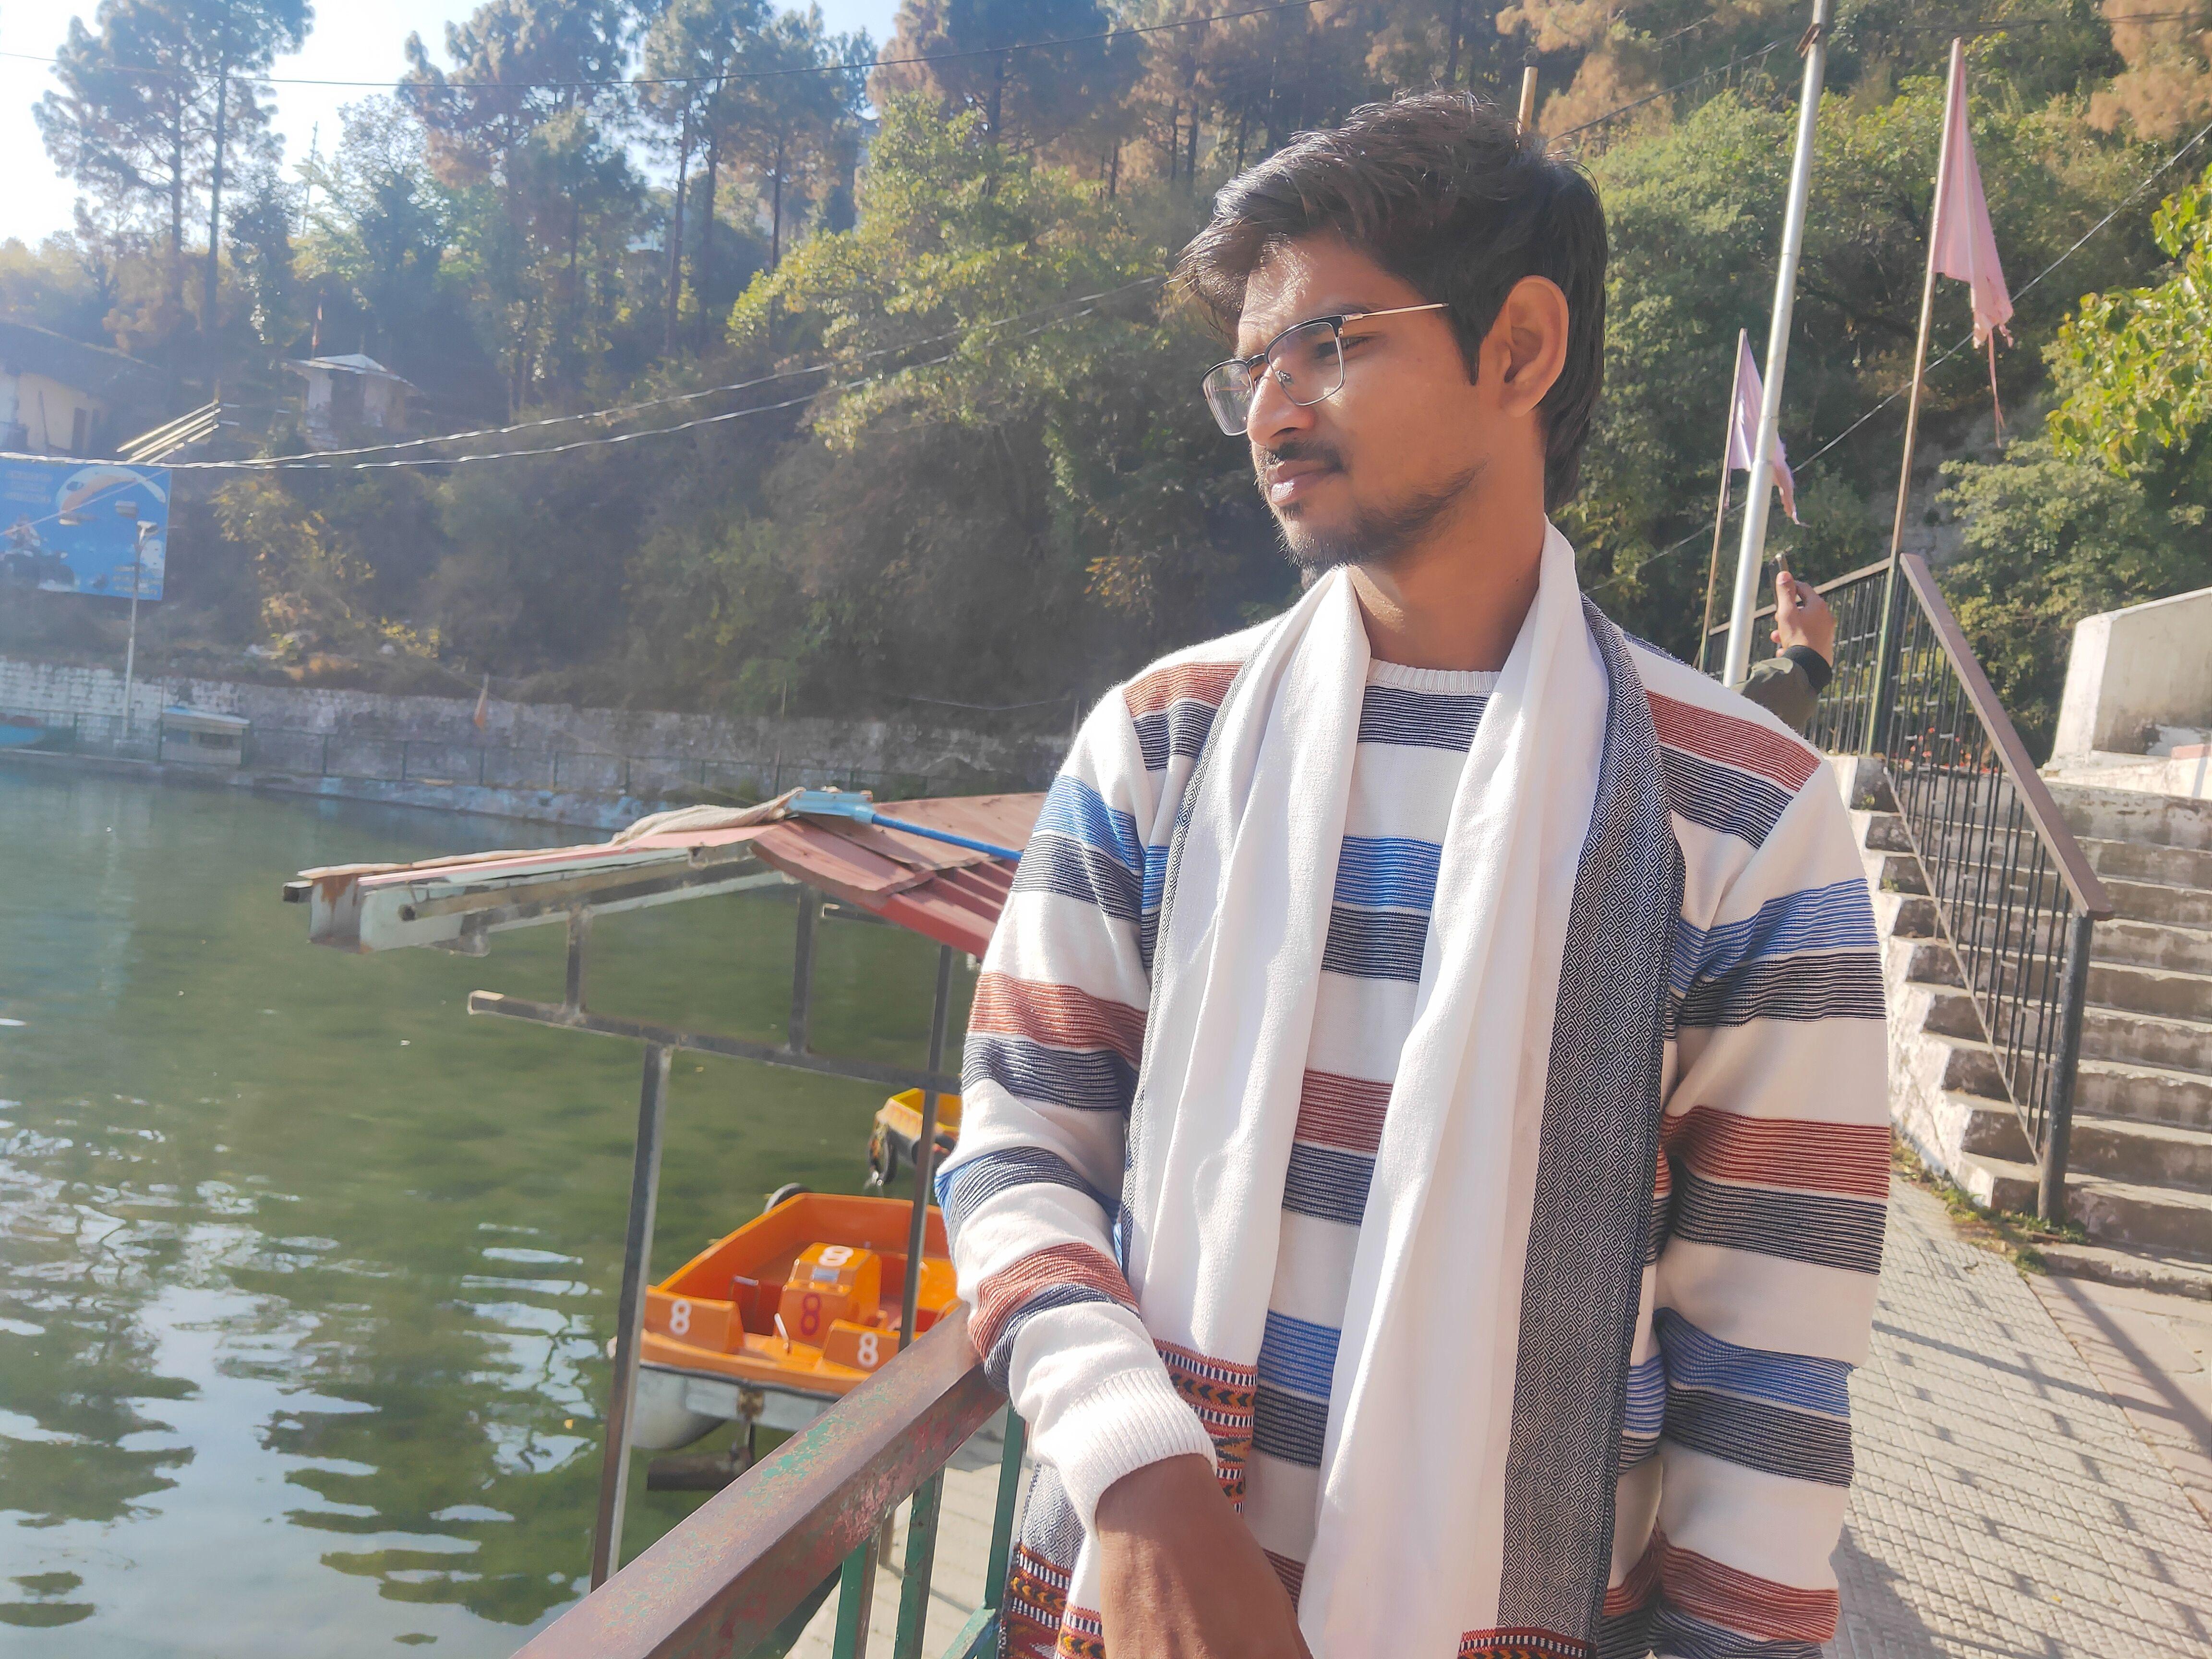 Sameer Bairwa Hacker Noon profile picture